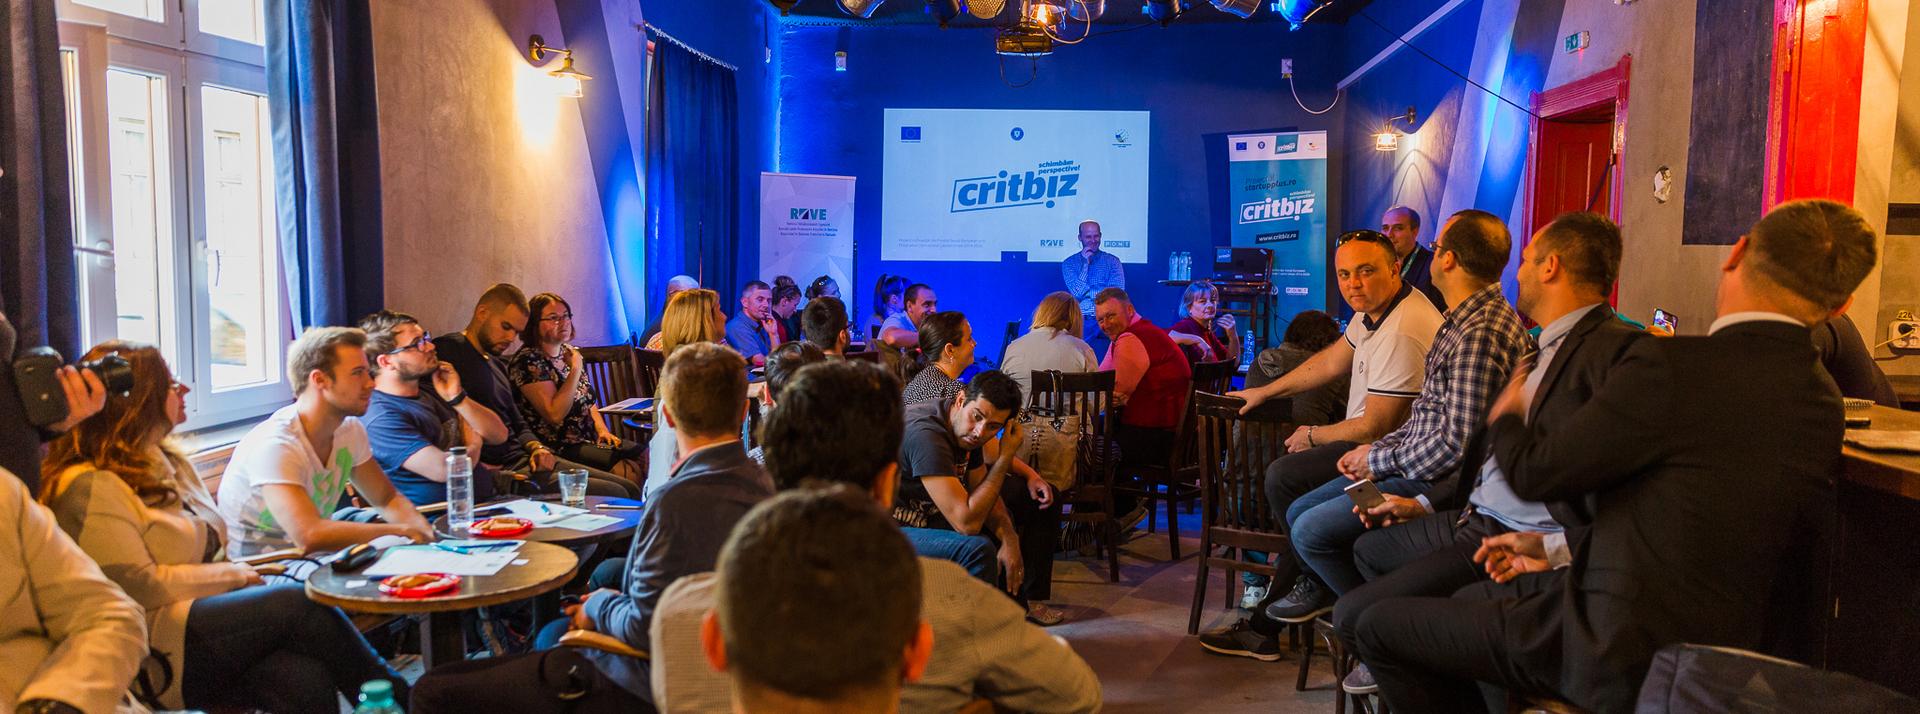 Profilul antreprenorului IT și creativ și idei utile despre pitching la conferința CRITBIZ din Oradea